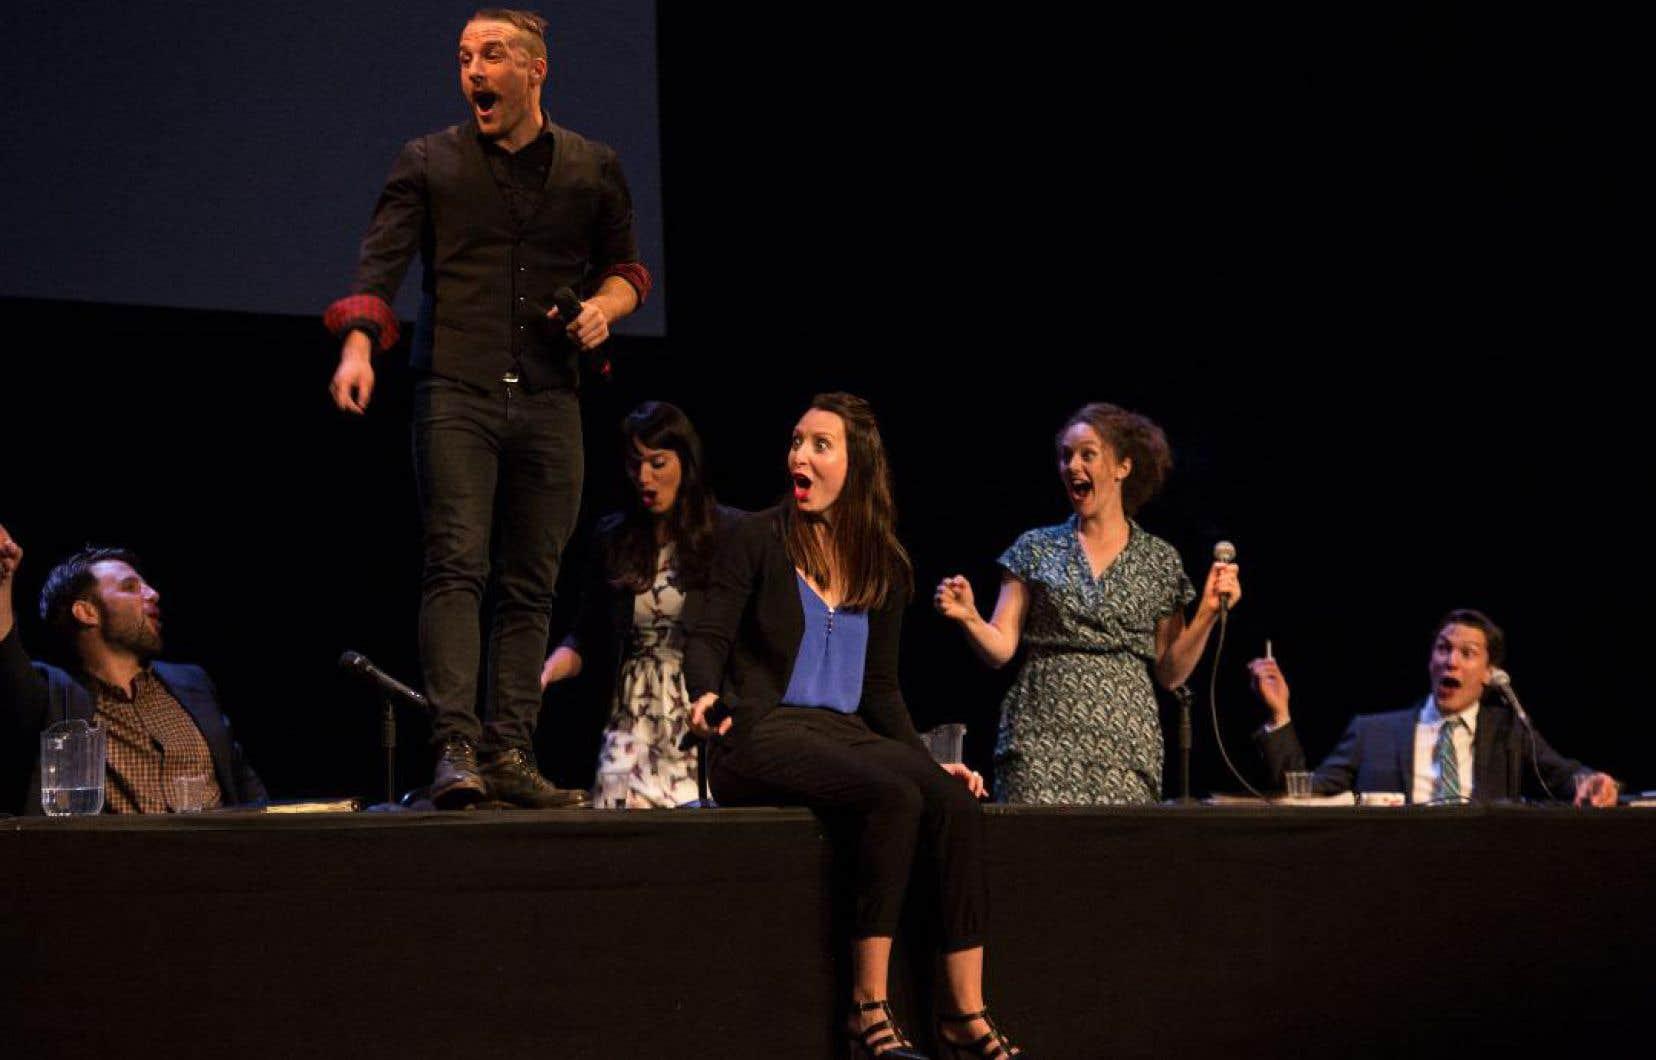 La pièce «NoShow», en plus de son immense succès au OFF d'Avignon en 2017, a connu l'une des plus grosses tournées françaises récentes pour une production québécoise, enchaînant au total plus de 100 représentations.